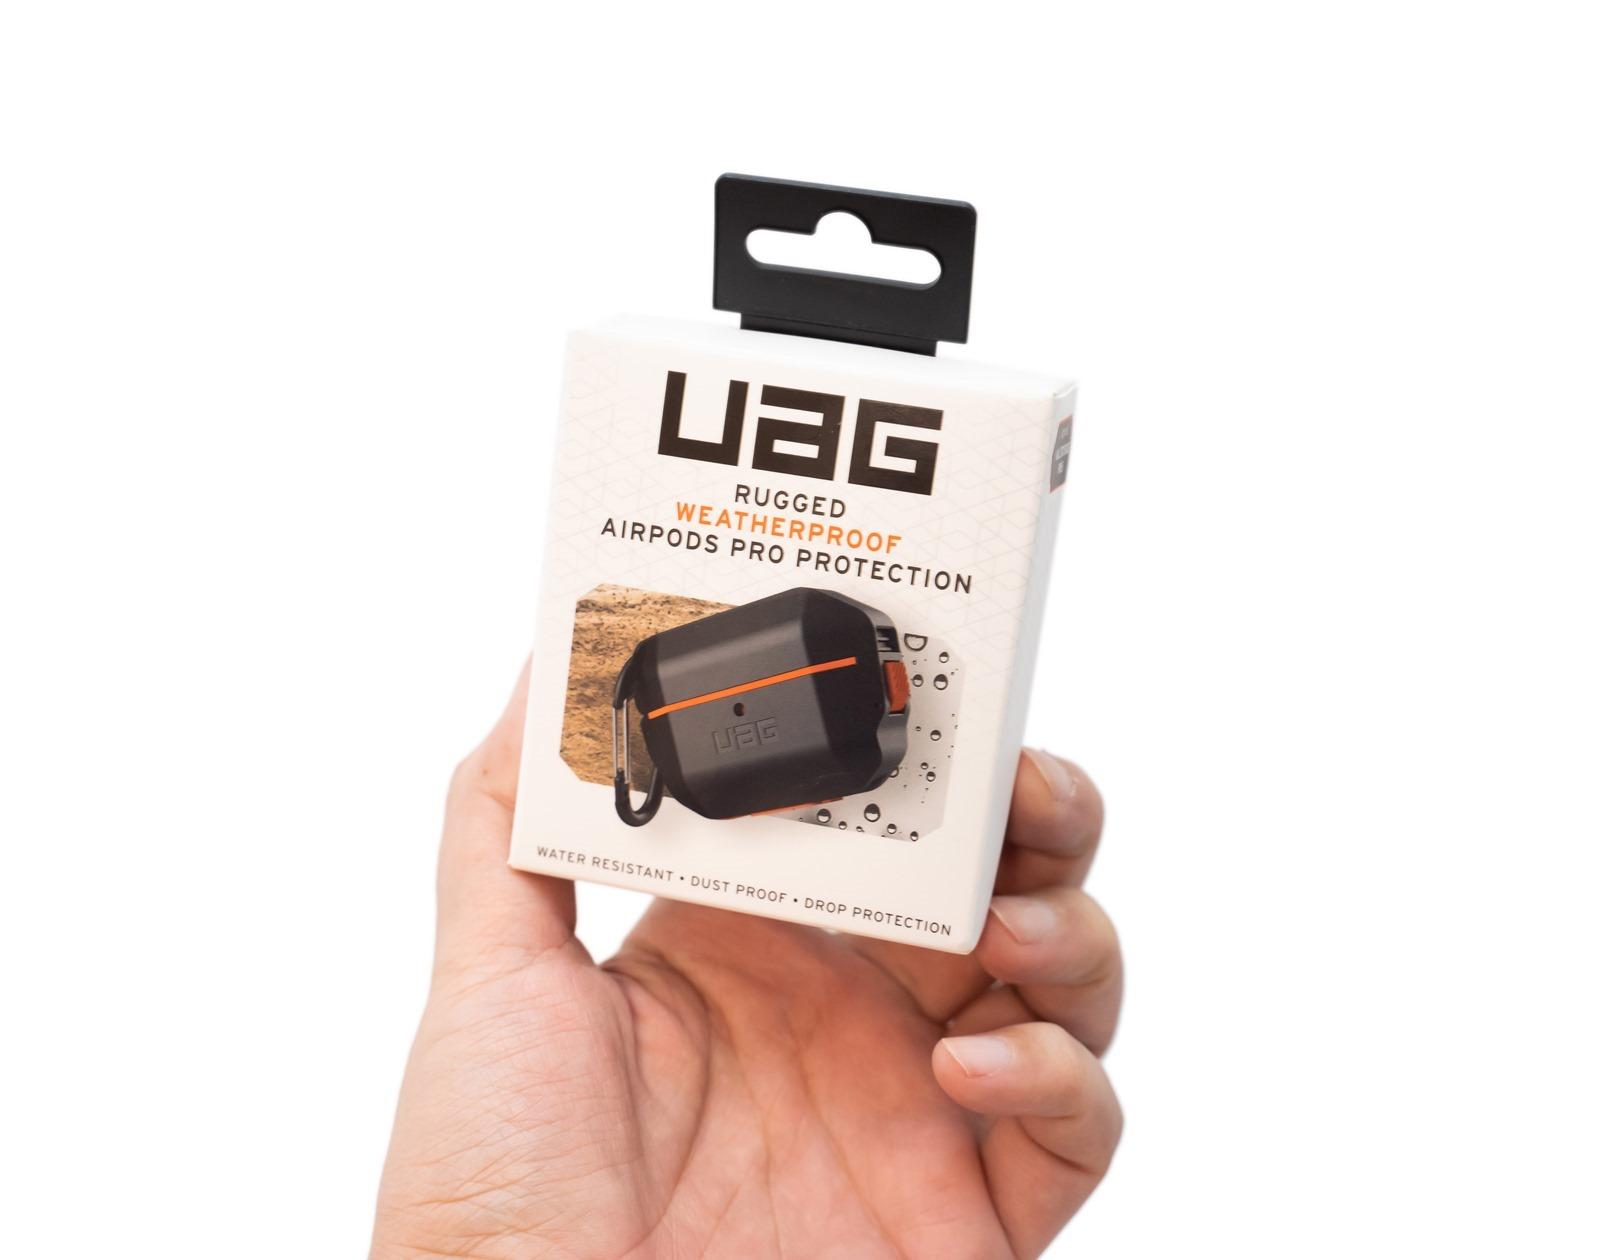 耳機也有軍裝保護!UAG AirPods Pro 軍規防水保護殼 @3C 達人廖阿輝